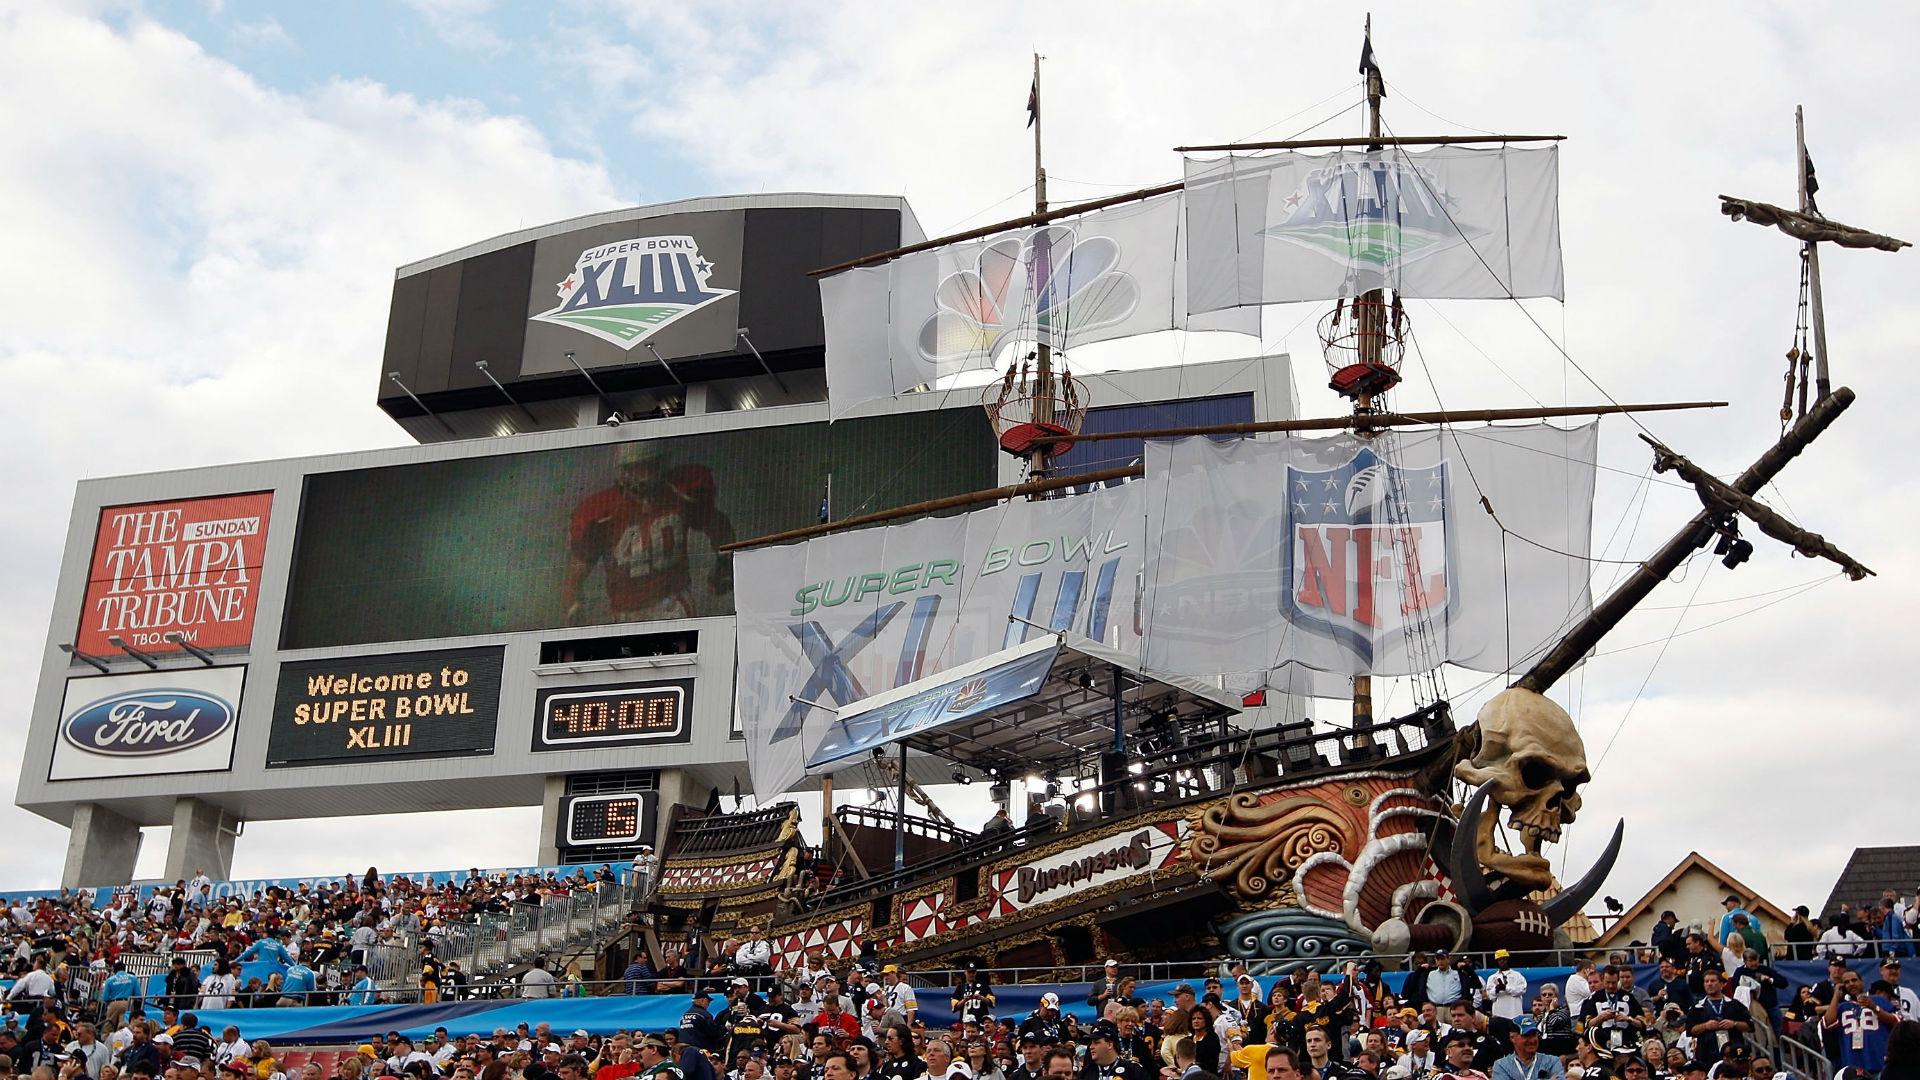 nfl moves super bowl 55 to tampa after los angeles stadium. Black Bedroom Furniture Sets. Home Design Ideas